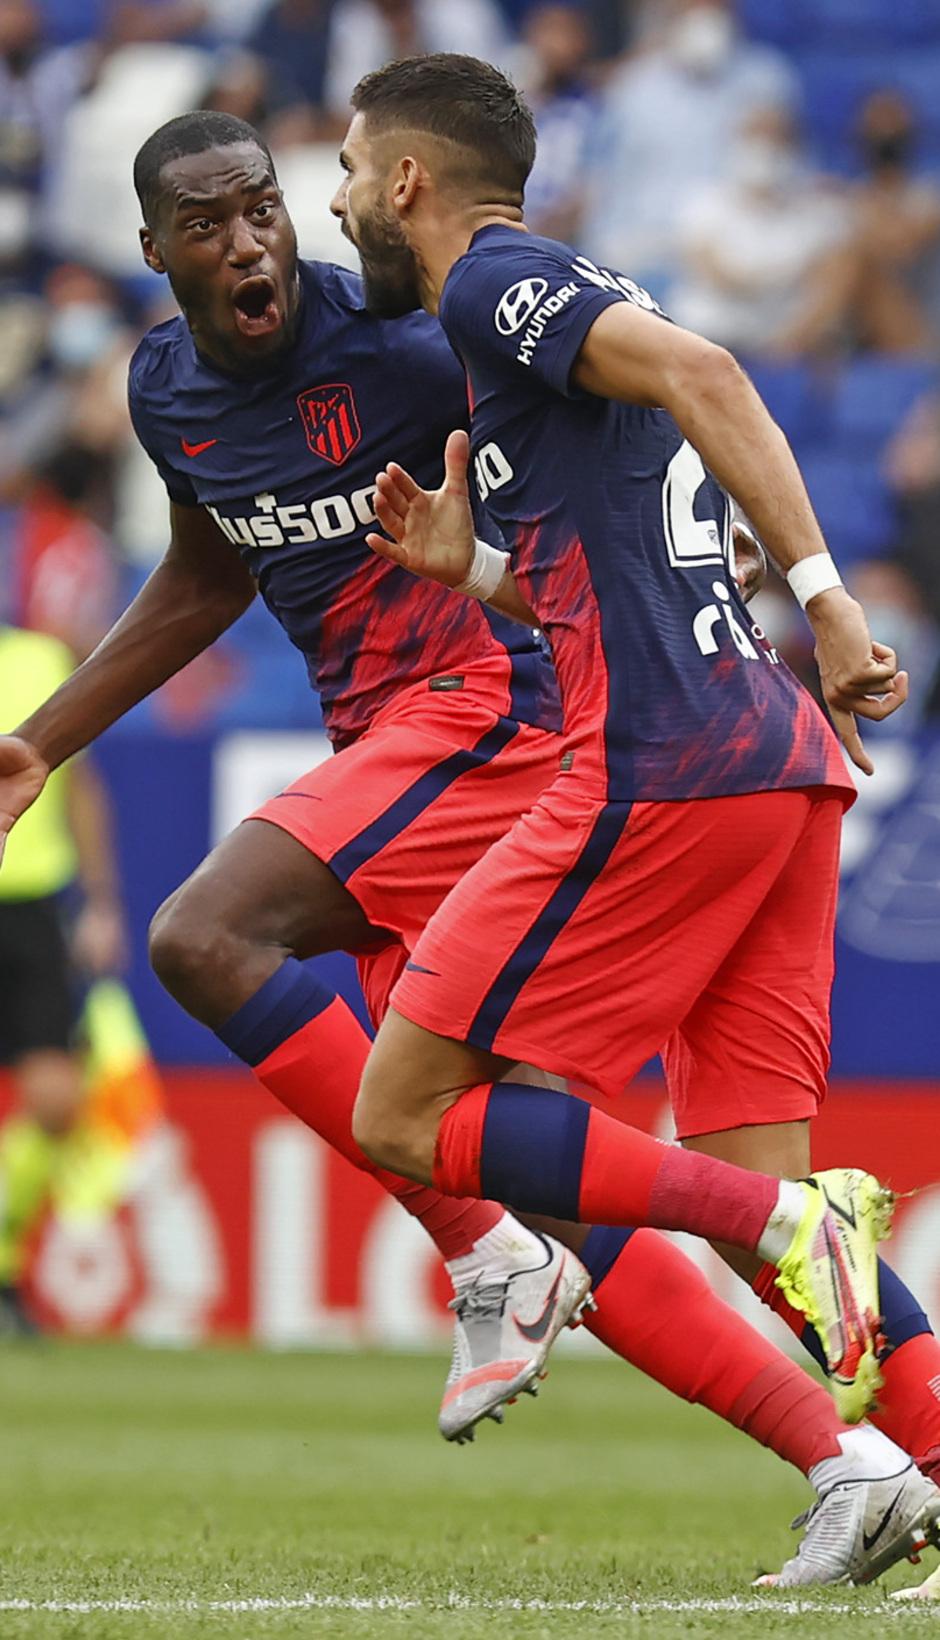 Temporada 21-22 | Espanyol - Atlético de Madrid | Kondogbia y Carrasco | Celebración